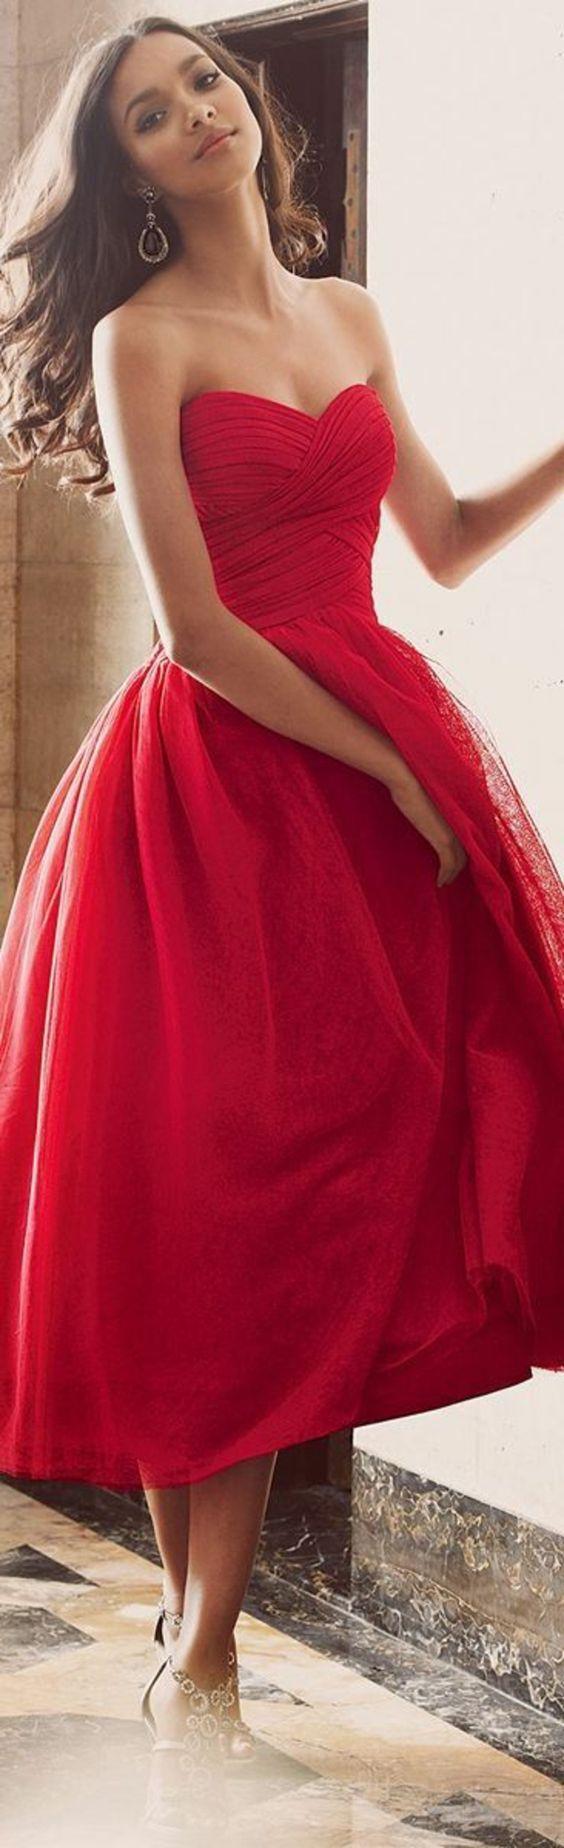 Robe rouge pour une soirée spéciale